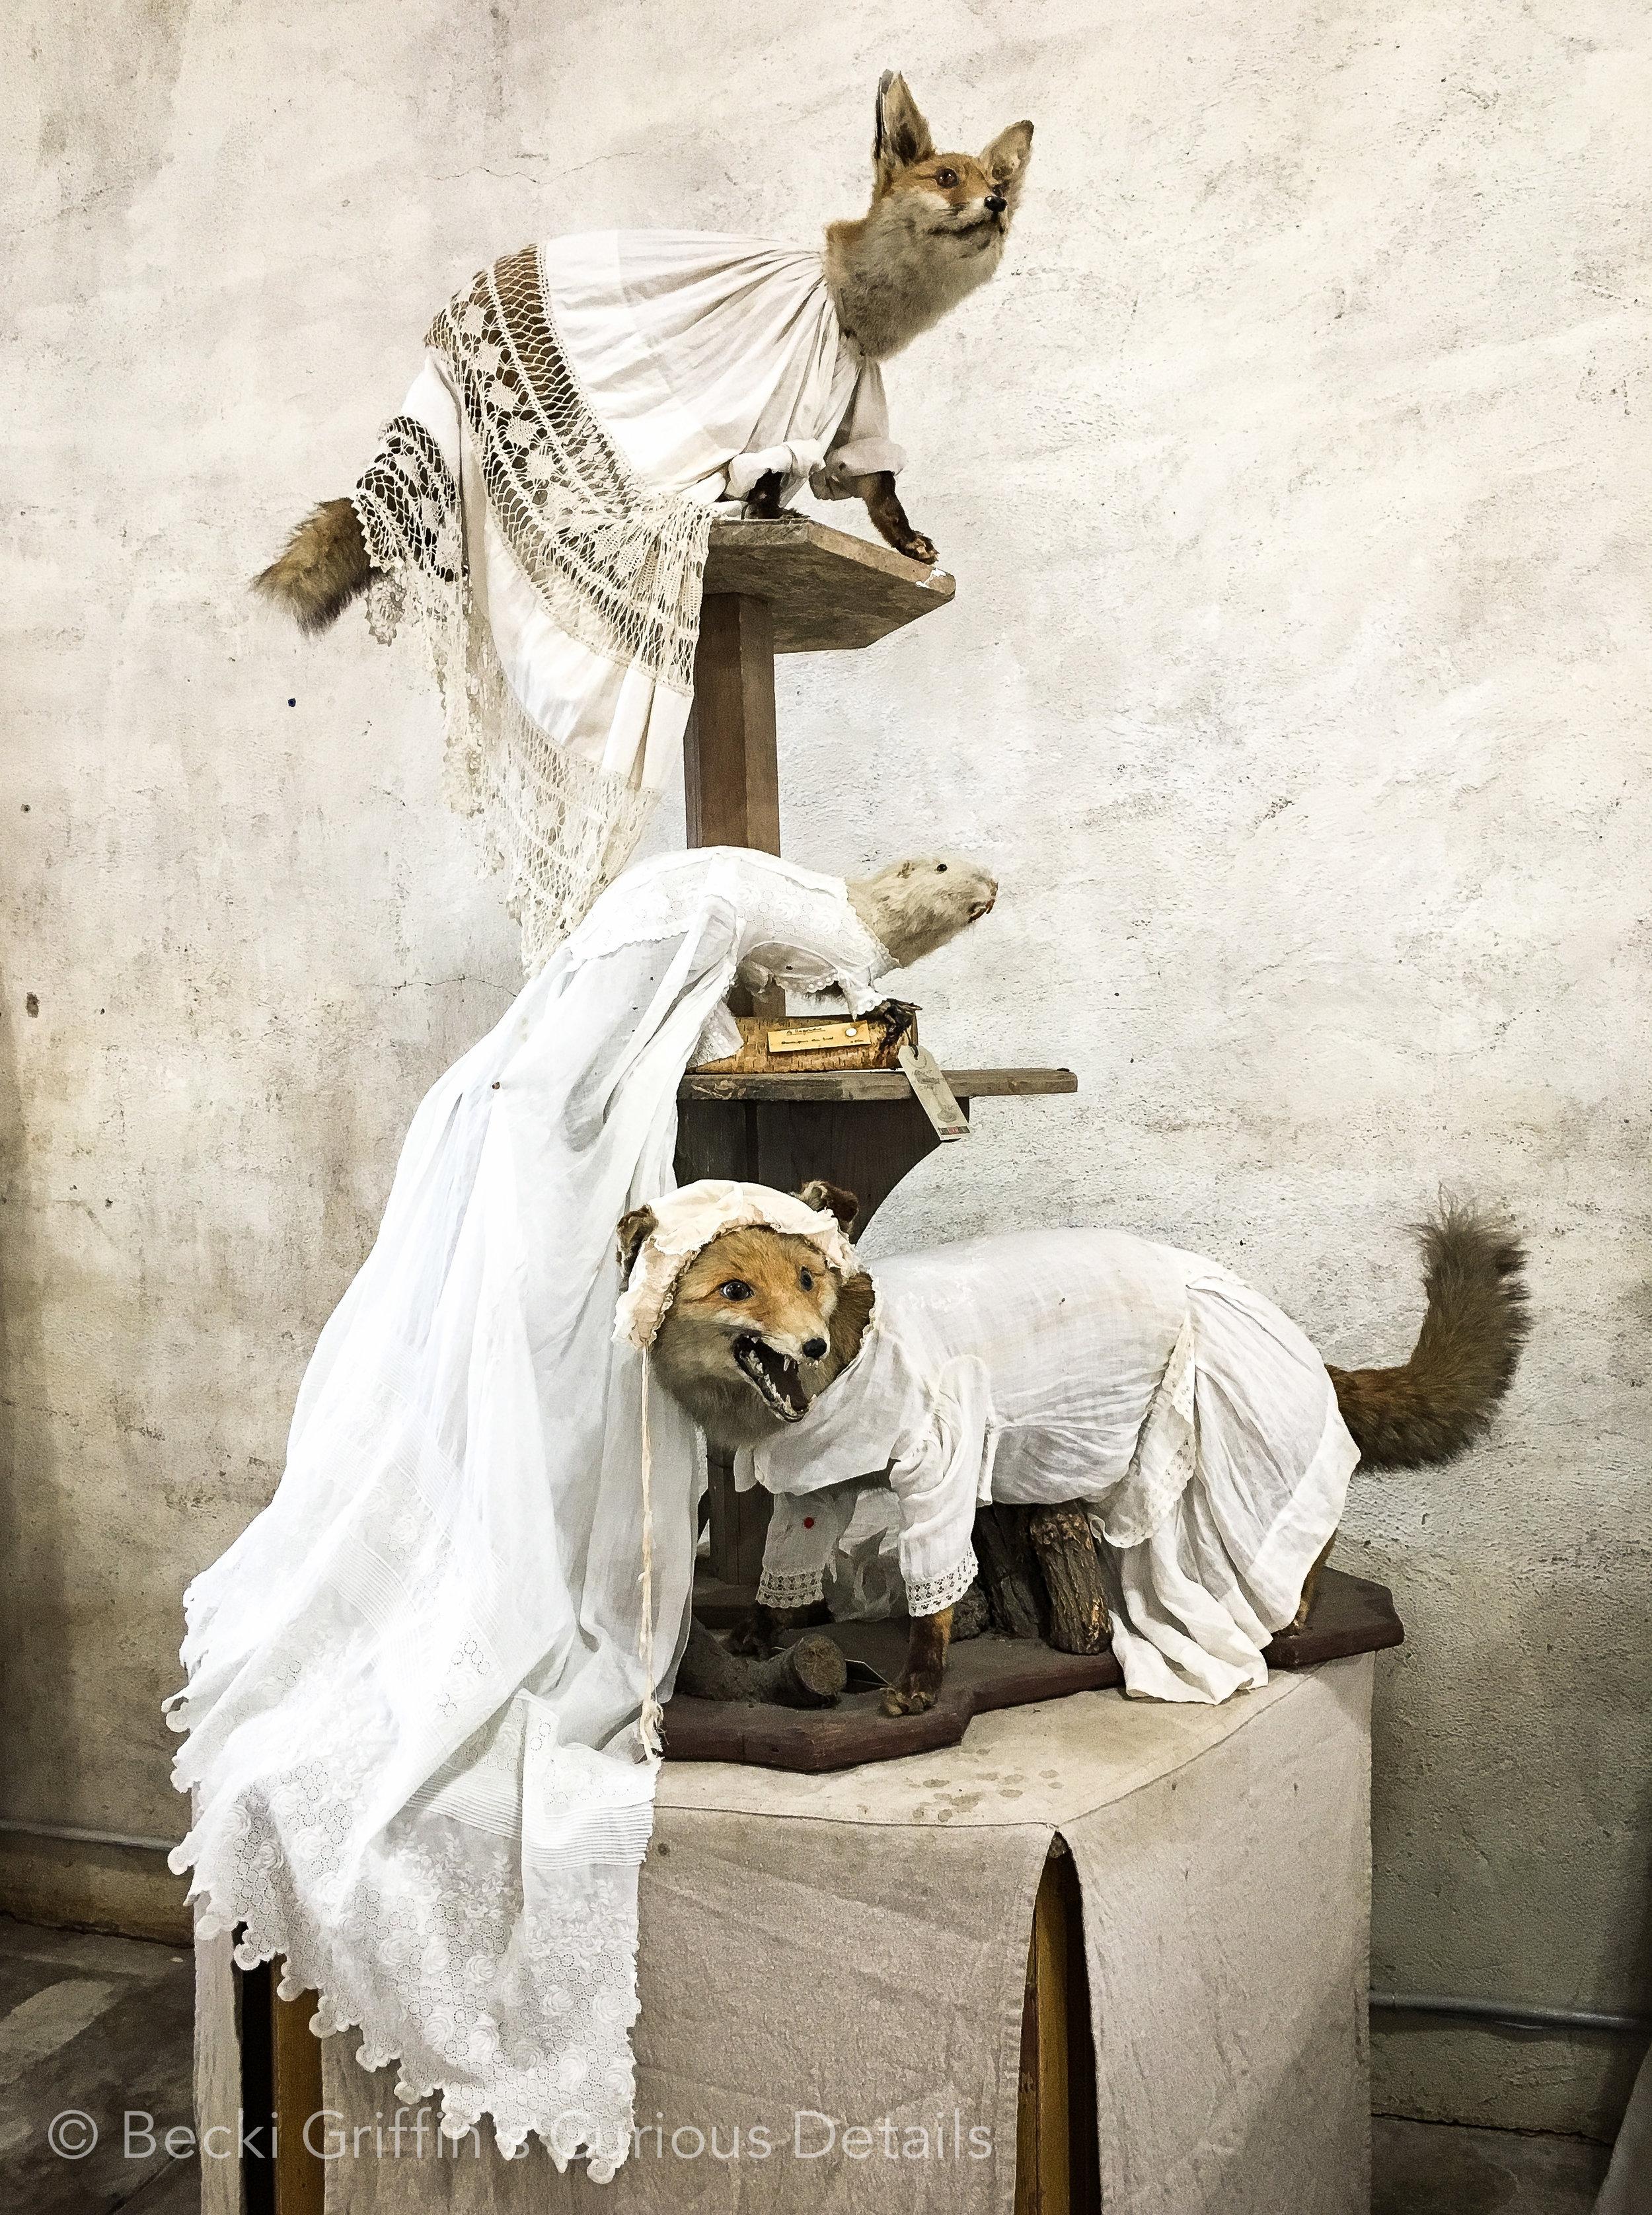 Becki Griffin's Curious Details_Room No. 5 Carol Bolton Unloading Sale-5.jpg